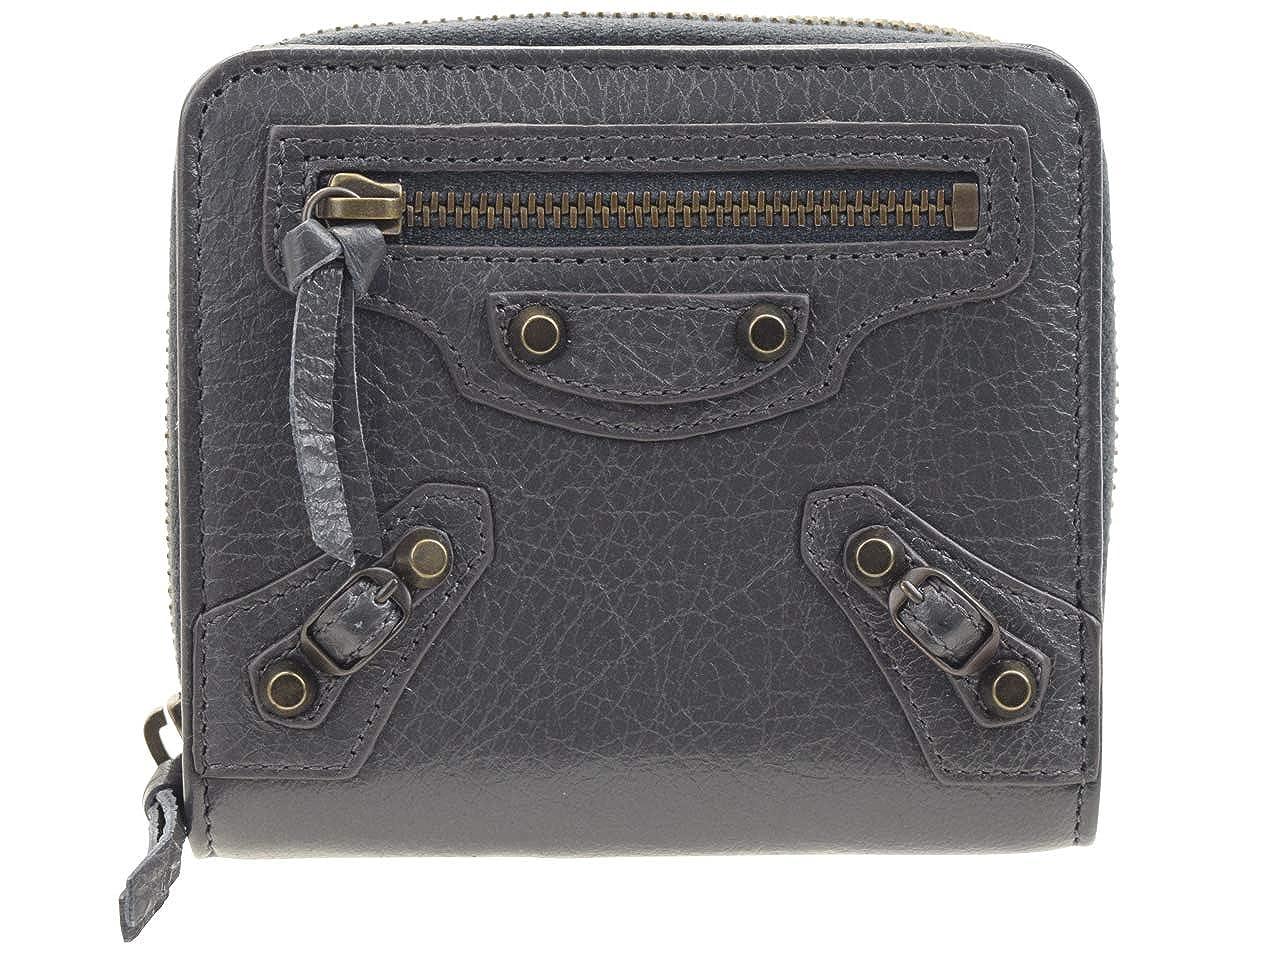 [バレンシアガ] BALENCIAGA 財布 折財布 二つ折り アウトレット 310699 [並行輸入品] B07Q85HMDZ